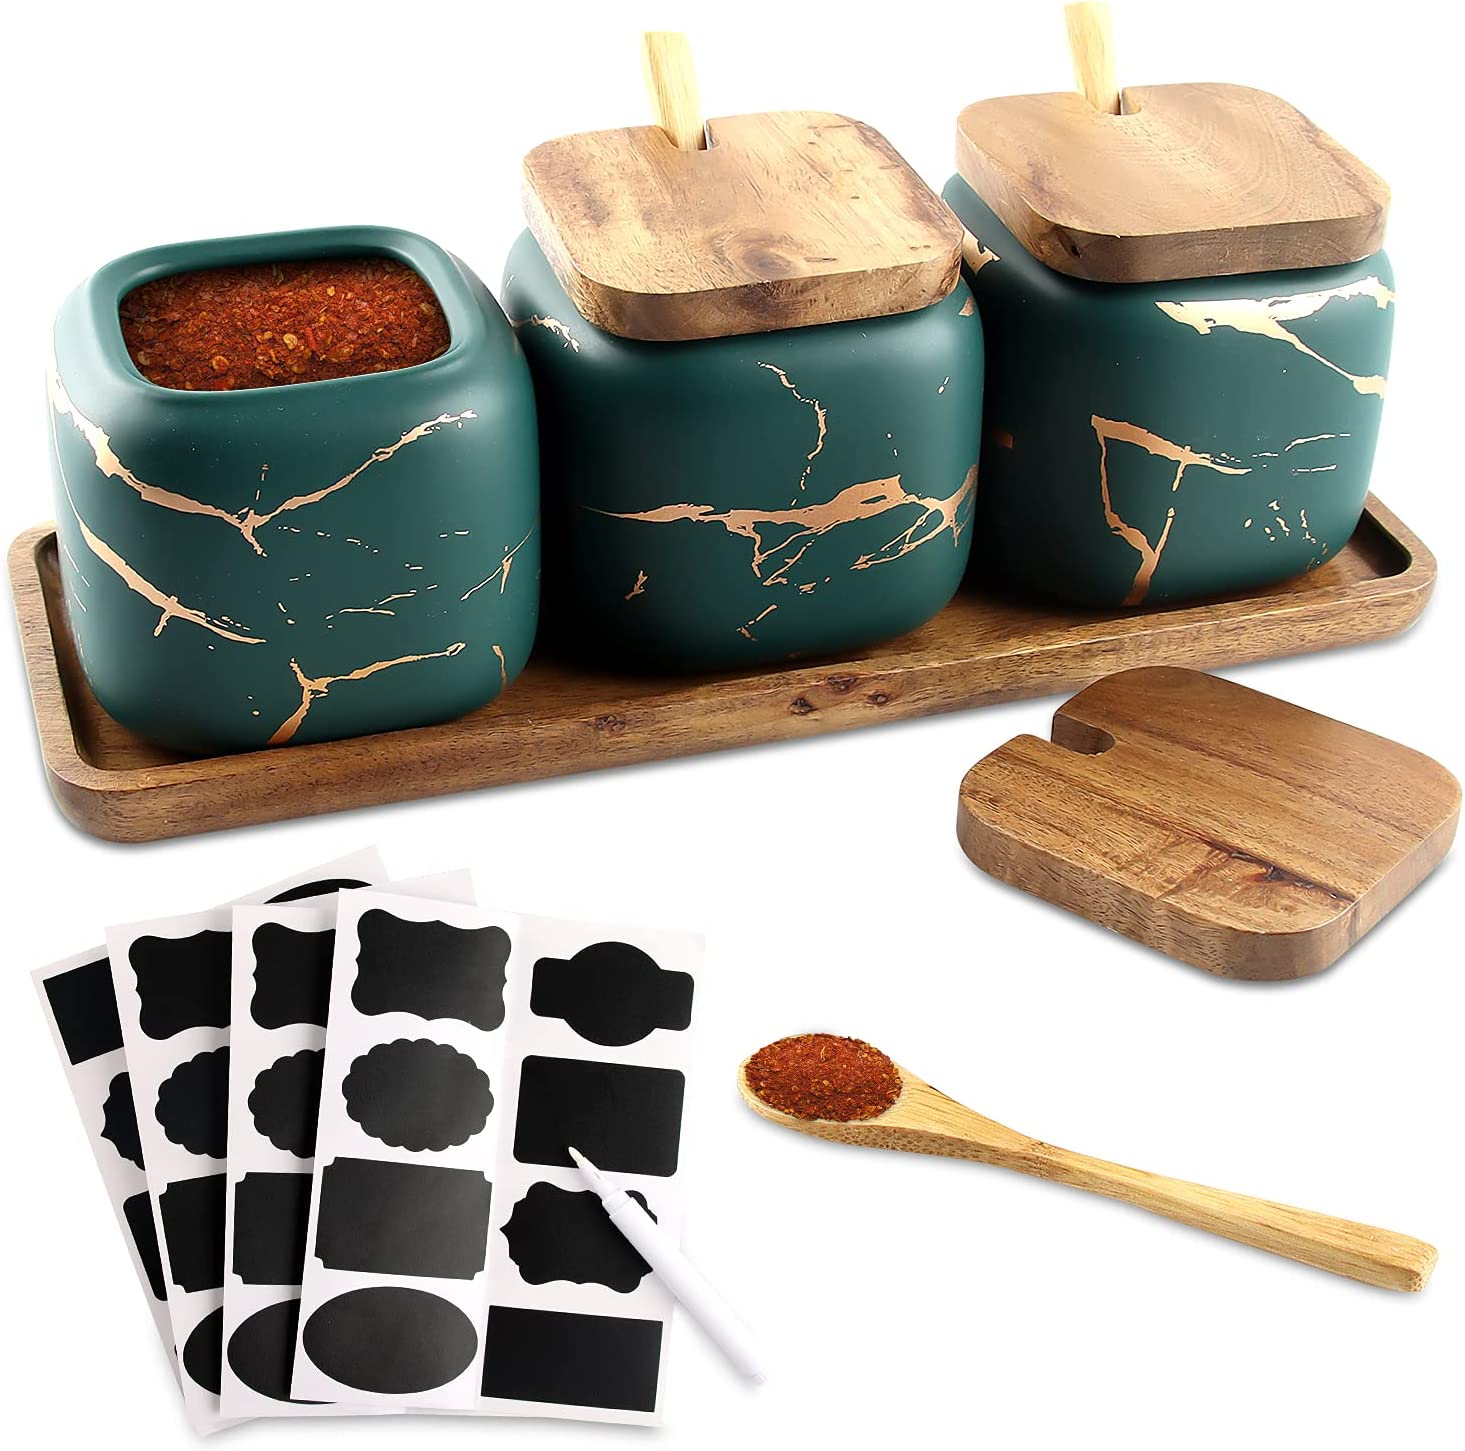 Cerámica Spice Jar Envase, Juego de 3 Especieros de Cerámica,Condimento Tarro de Especias ollas de cerámica con Tapa Cuchara Bandeja de Madera para Cocina Doméstica Azucarero y Salero (verde)